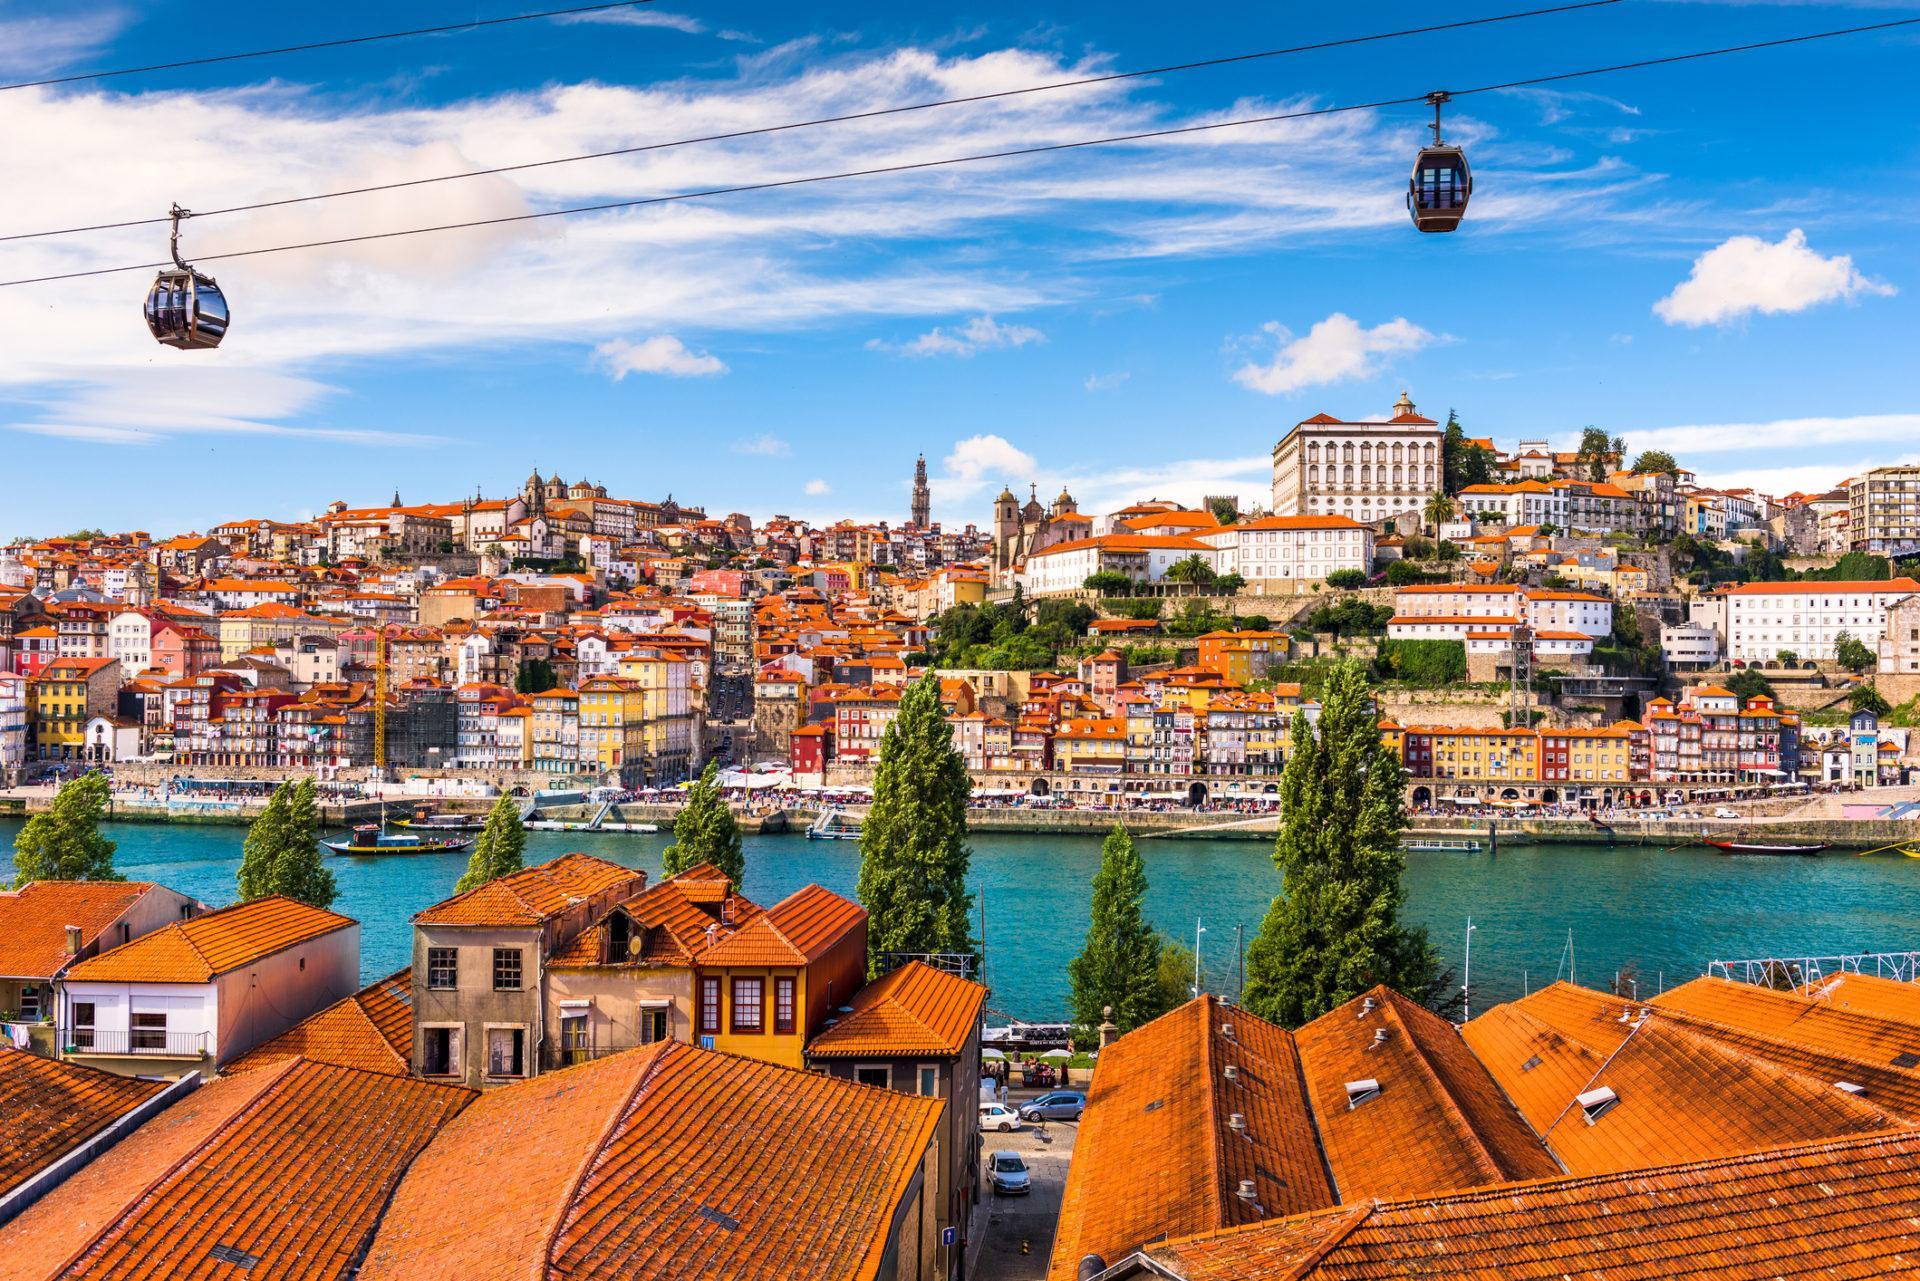 ערים בפורטוגל: הכר את הערים המדהימות בפורטוגל